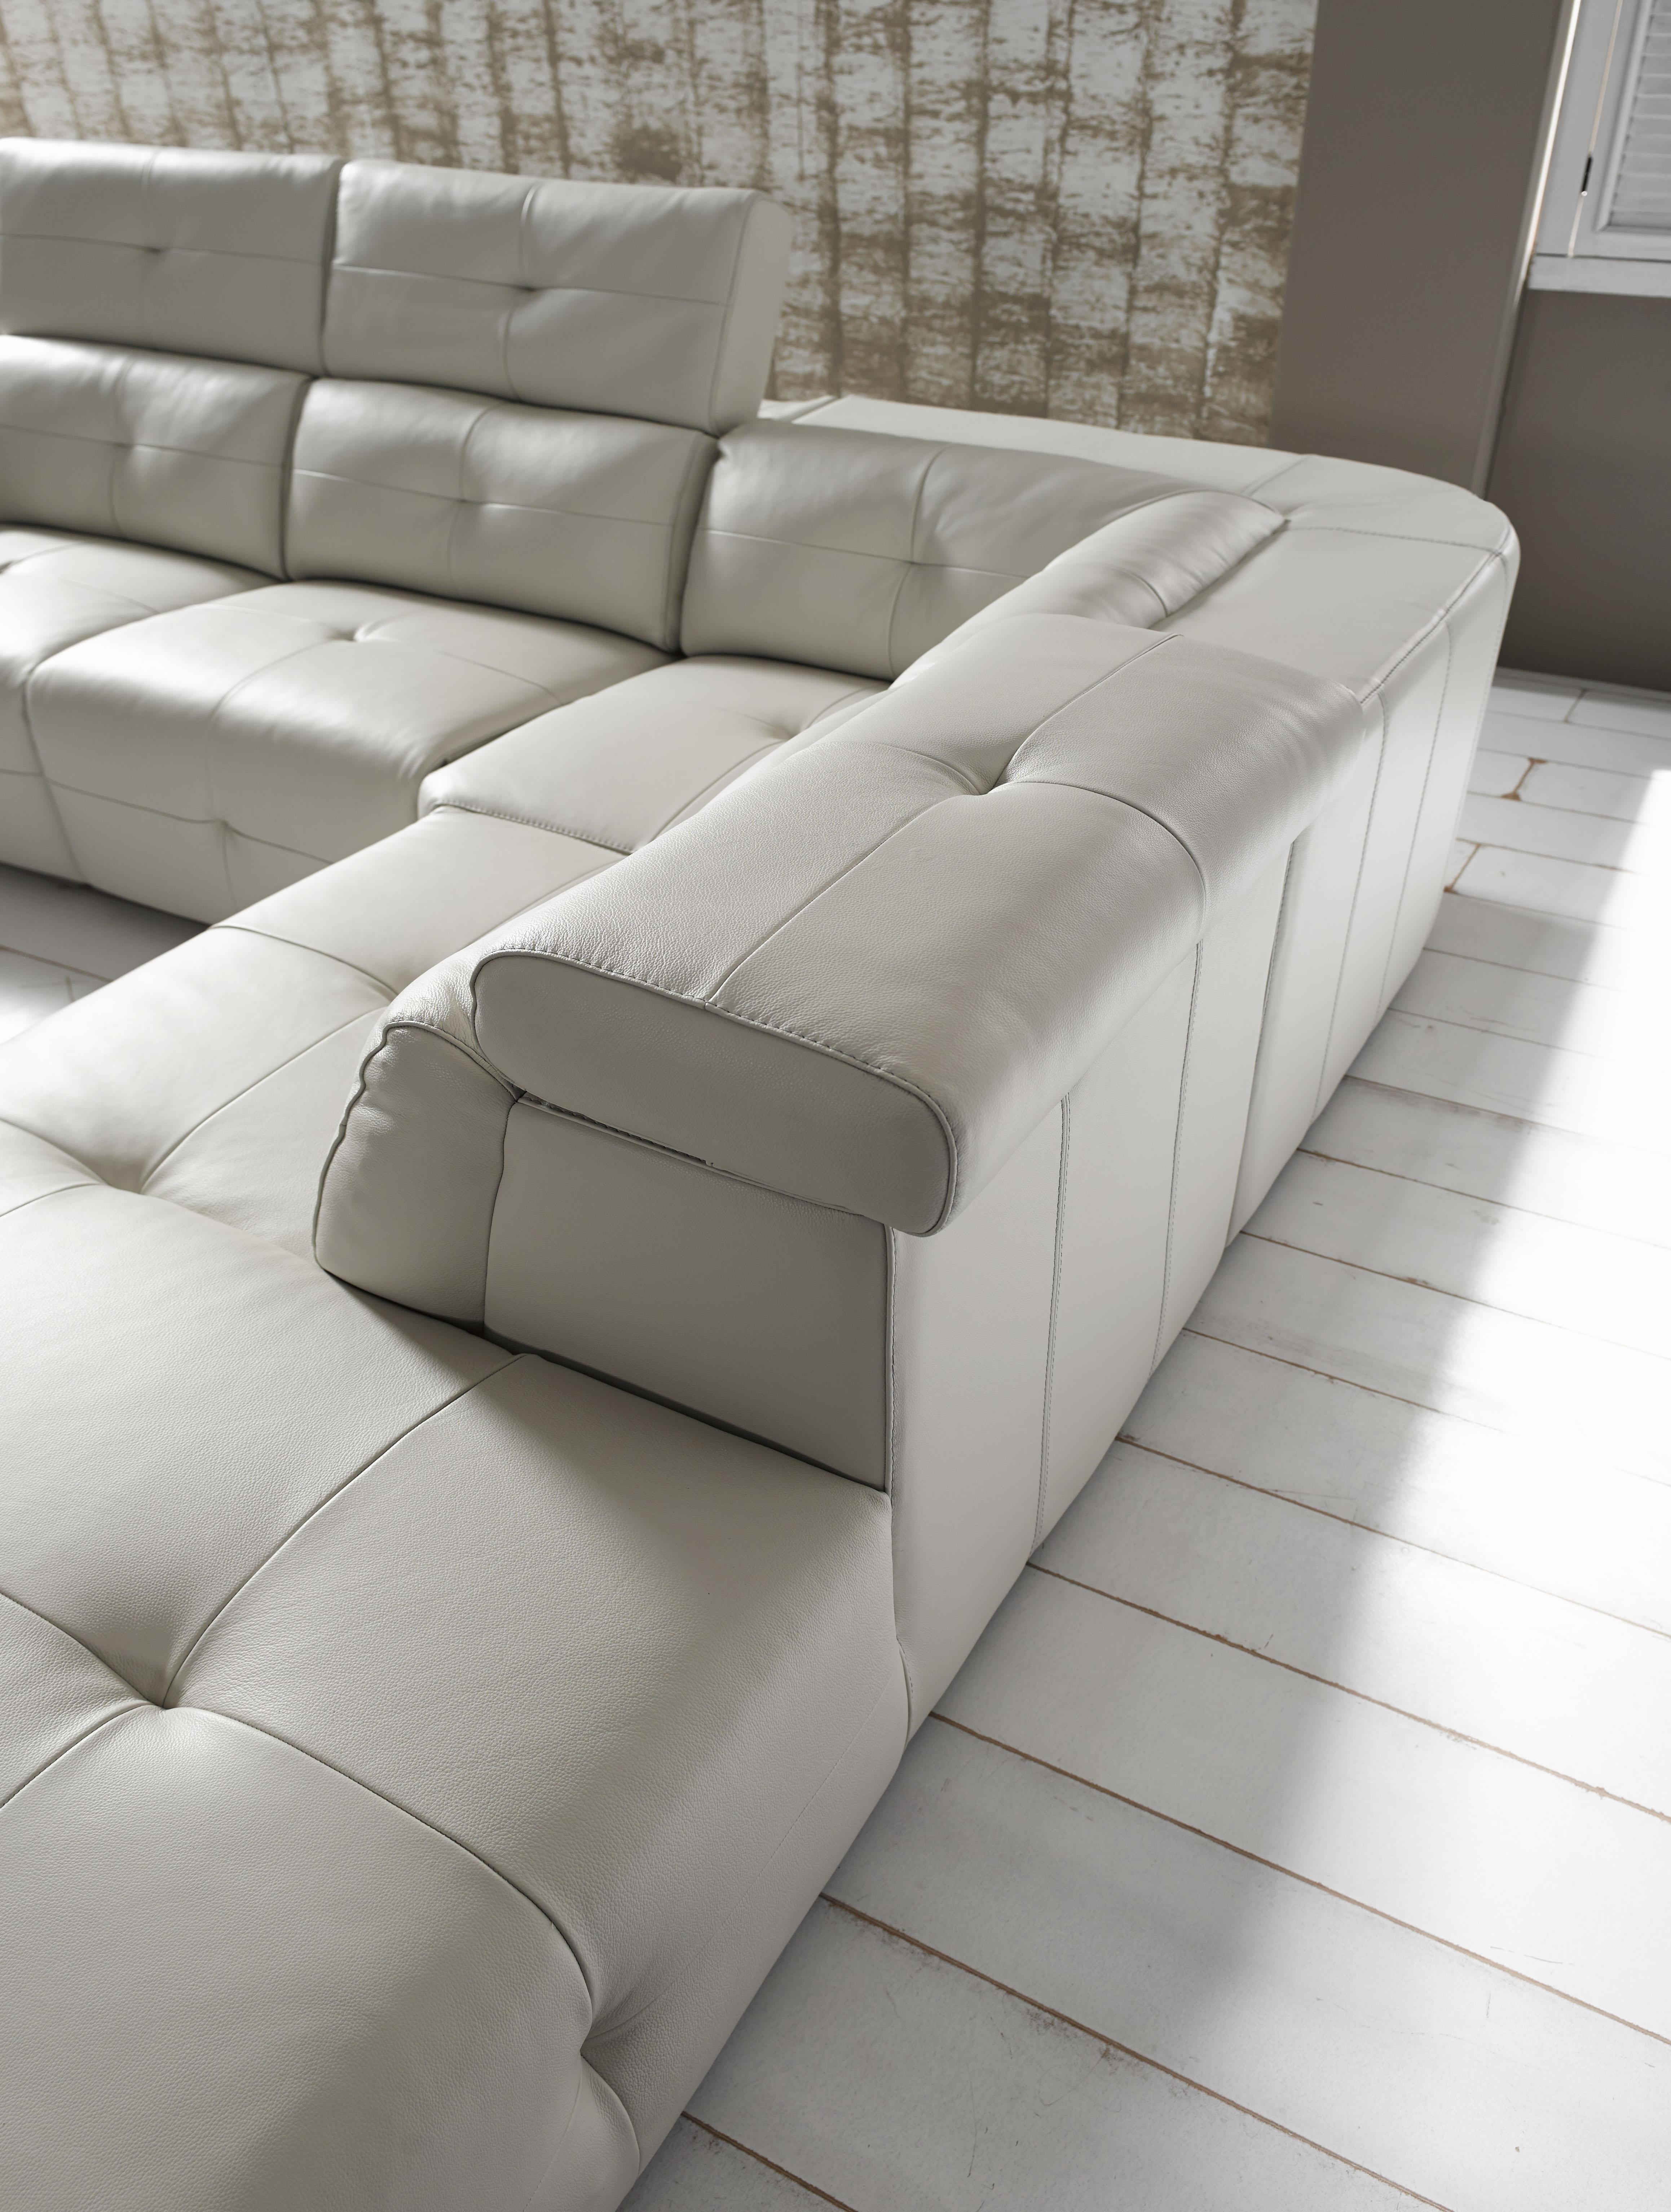 Sofas yecla pedro ortiz free gallery of sof mirella de pedro ortiz with fabricantes de sofas en - Sofas de yecla ...